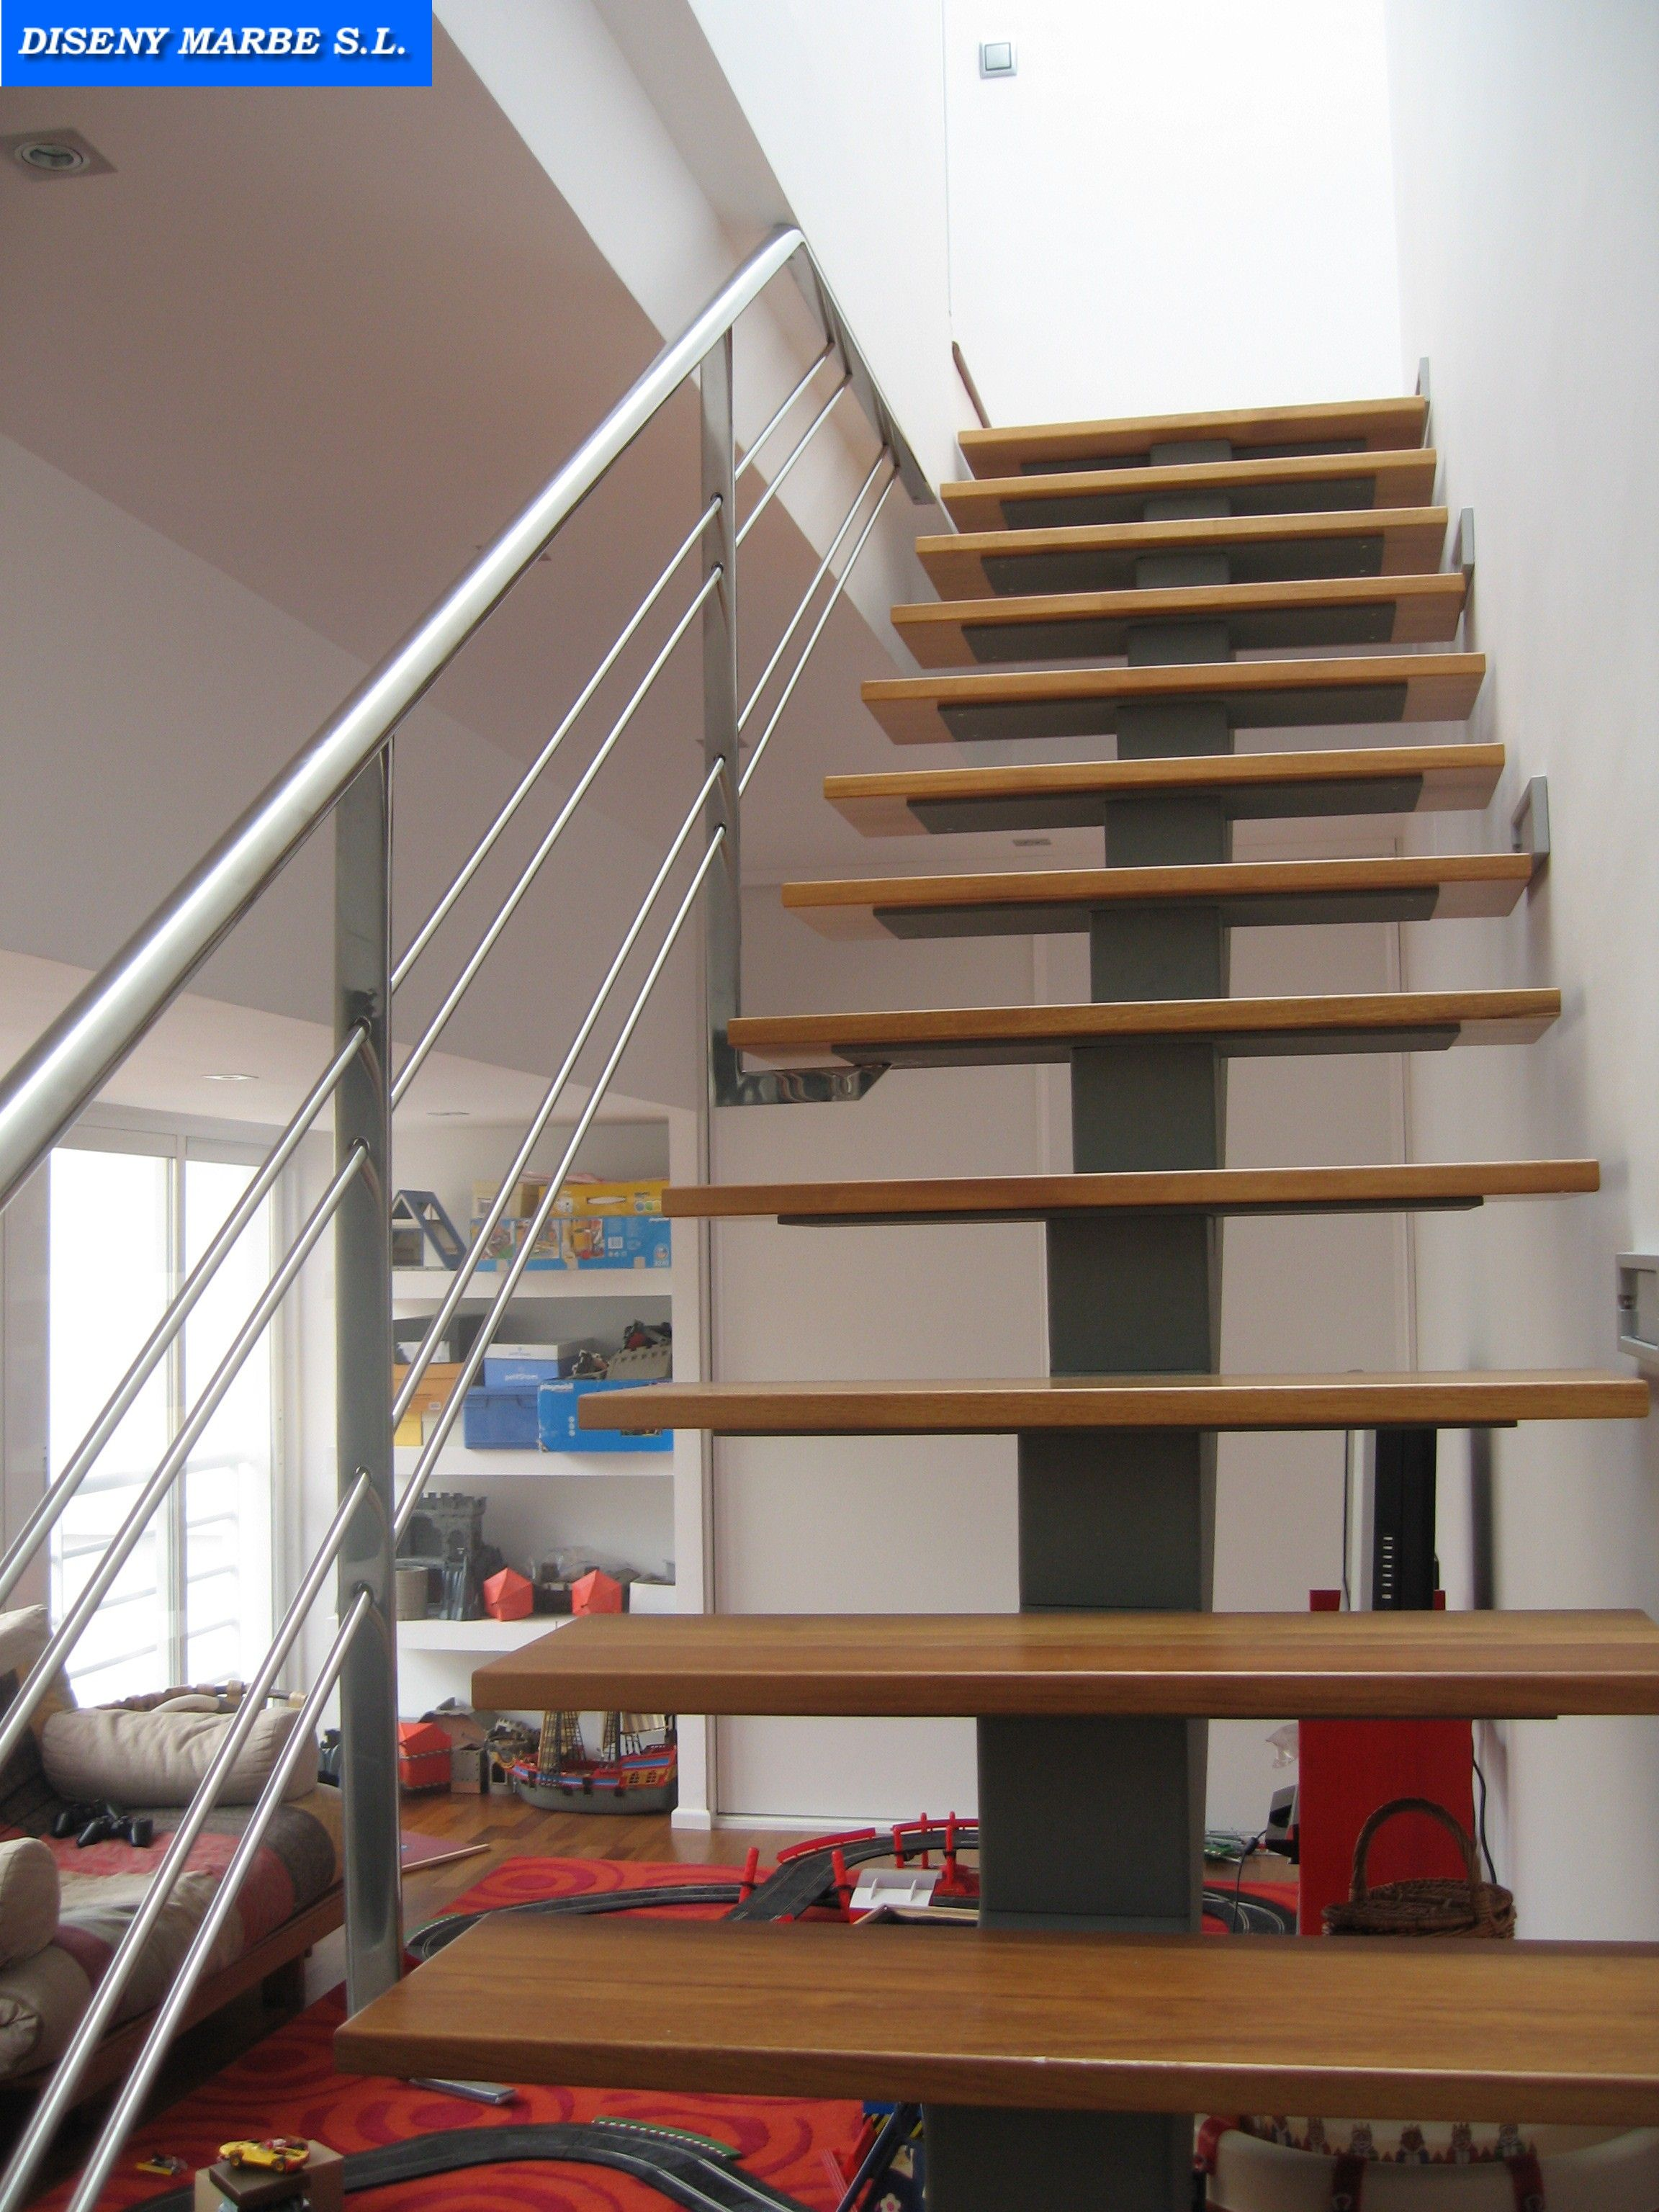 Barandilla escalera de acero inoxidable pasamano redondo for Barandilla escalera exterior